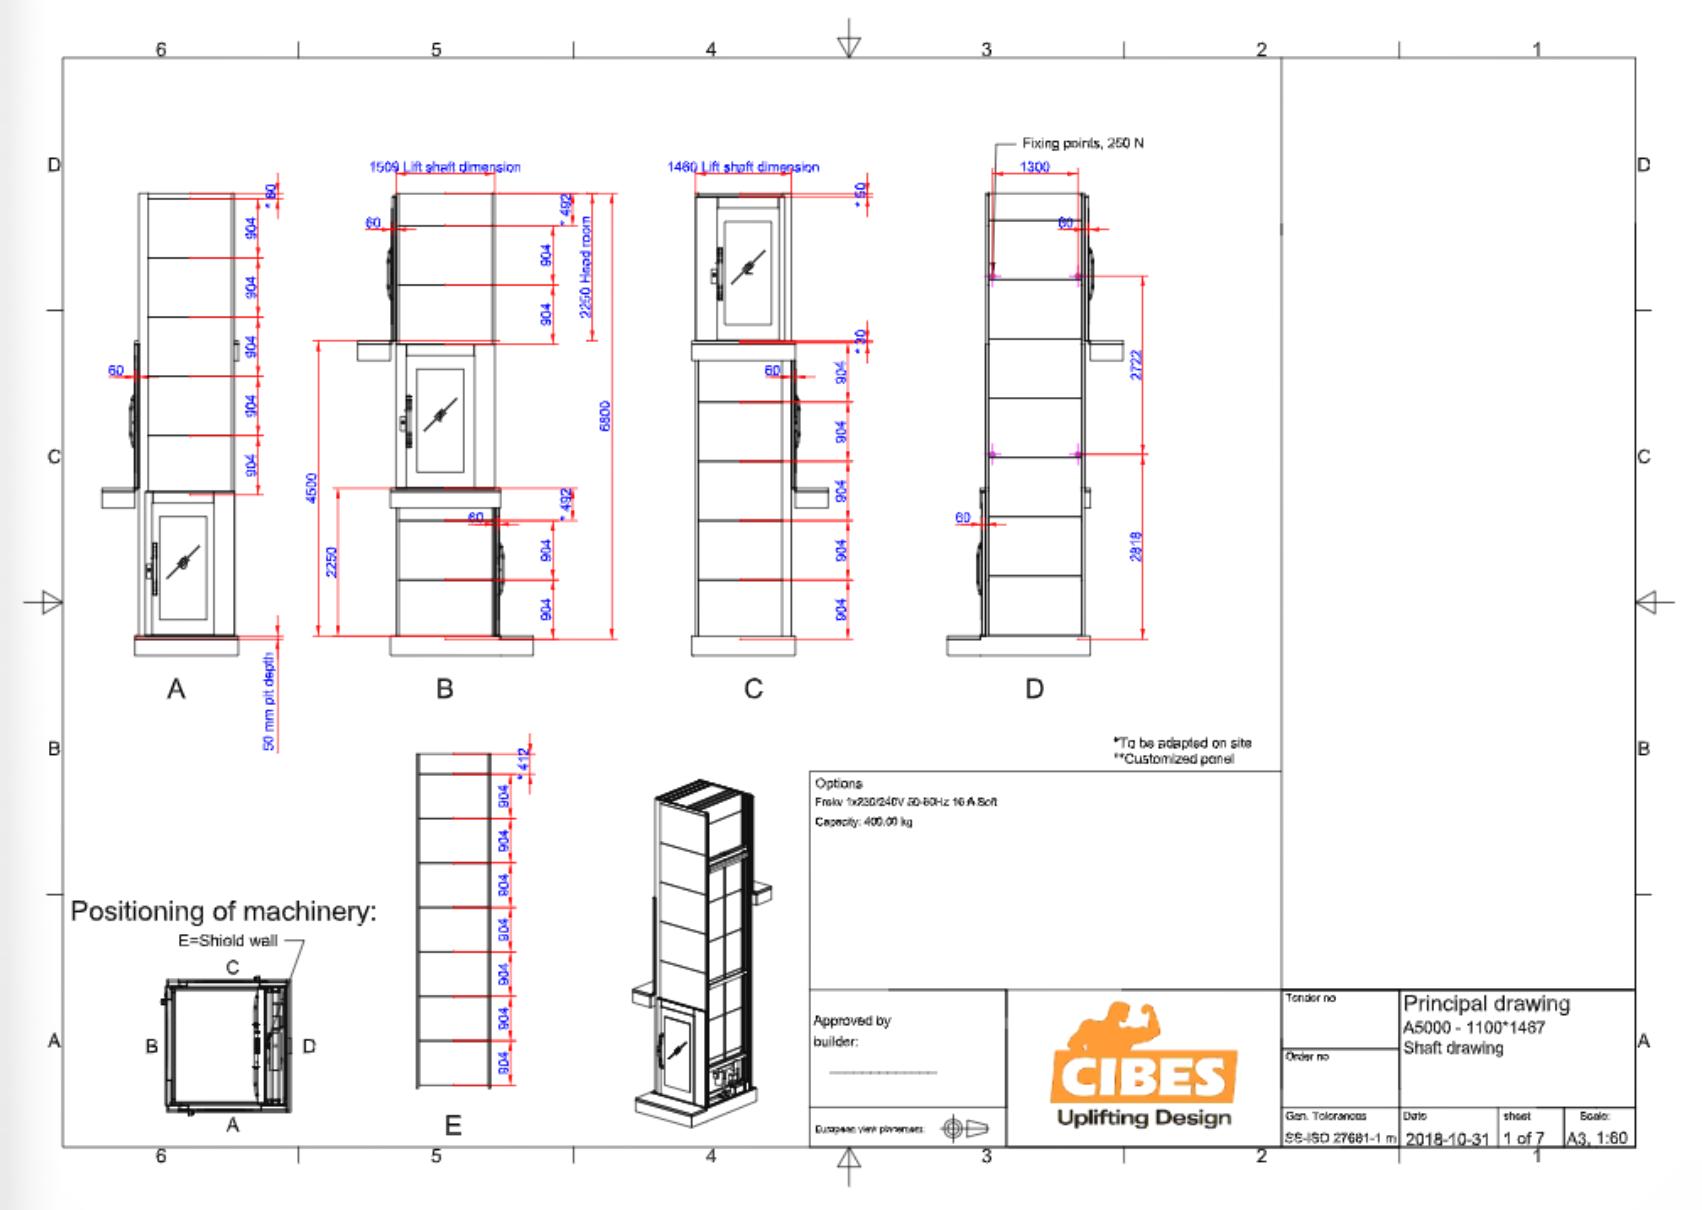 Cibes lift Size L4 1100x1500